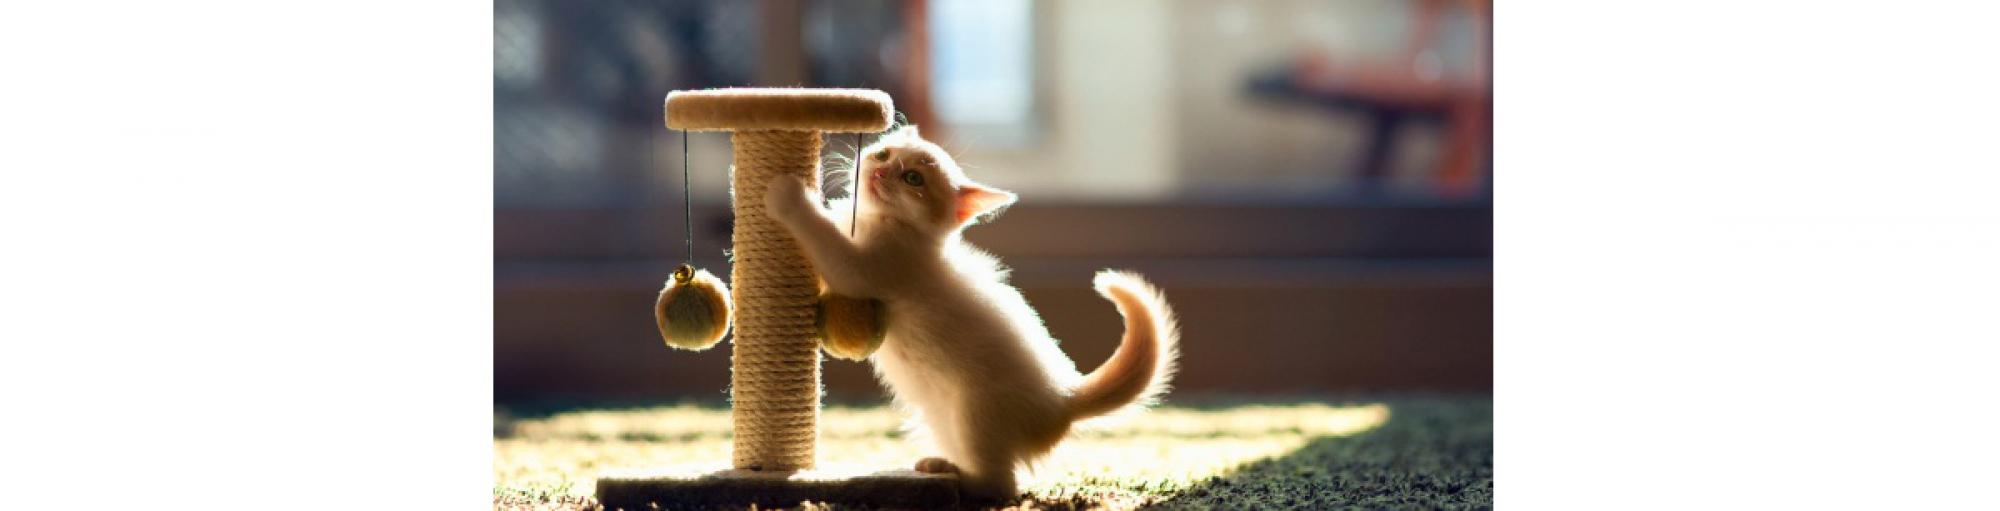 Сухой корм для кошек по разумной цене Купить сухой корм